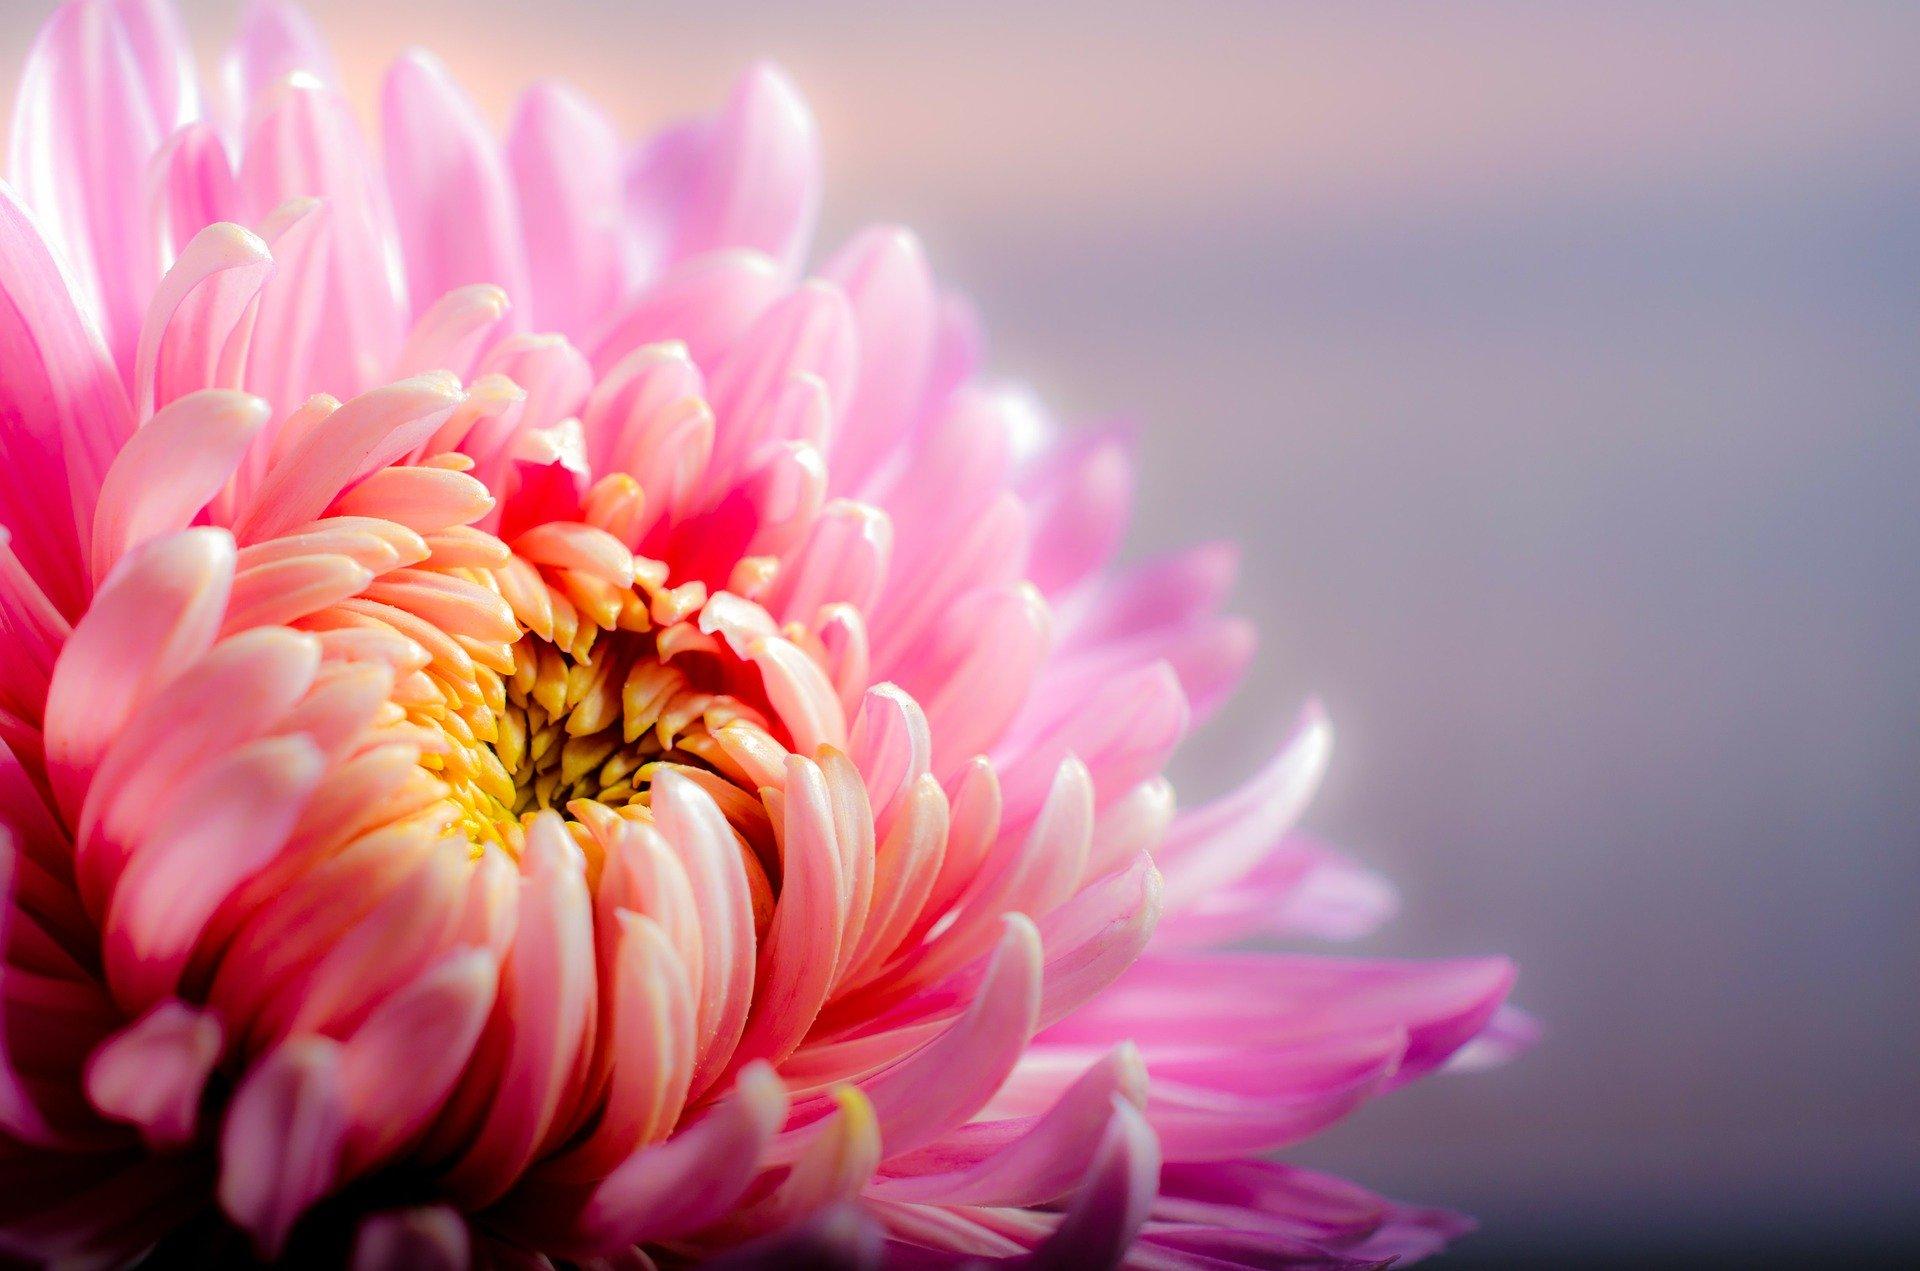 chrysanthemum-202483_1920 (1)